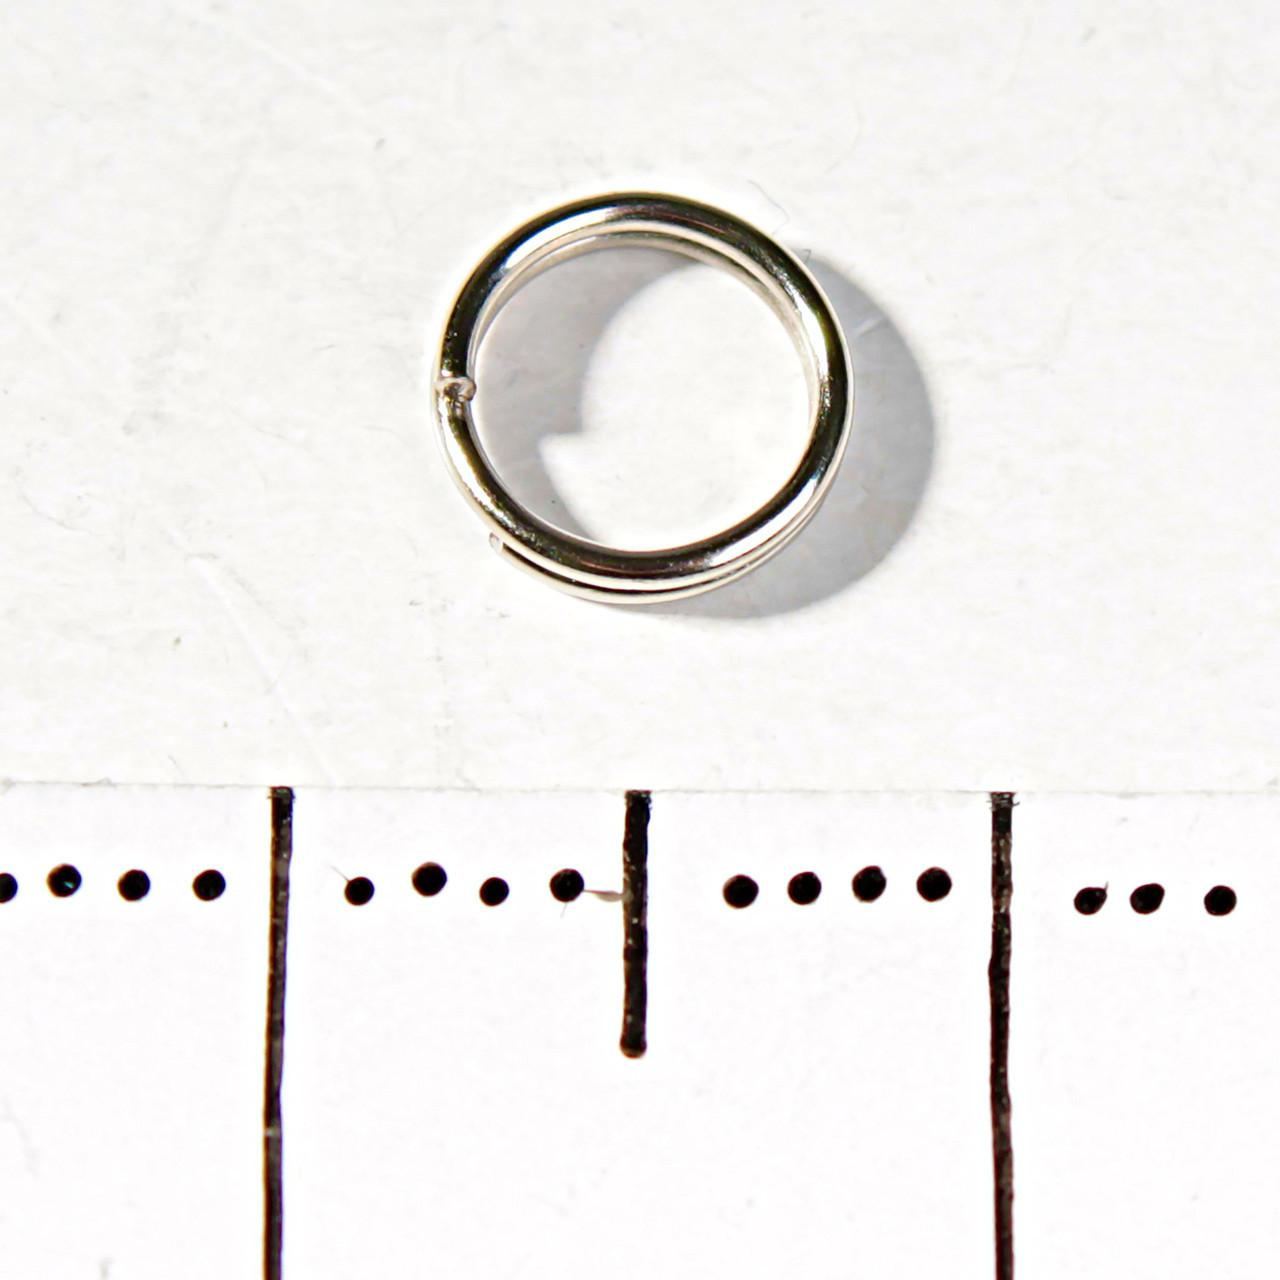 Фурнитура Кольцо заводное пружина 25 гр/уп d-6мм - ☆SOUVENIRS☆ - интернет магазин бижутерии, фурнитуры и украшений в Одессе